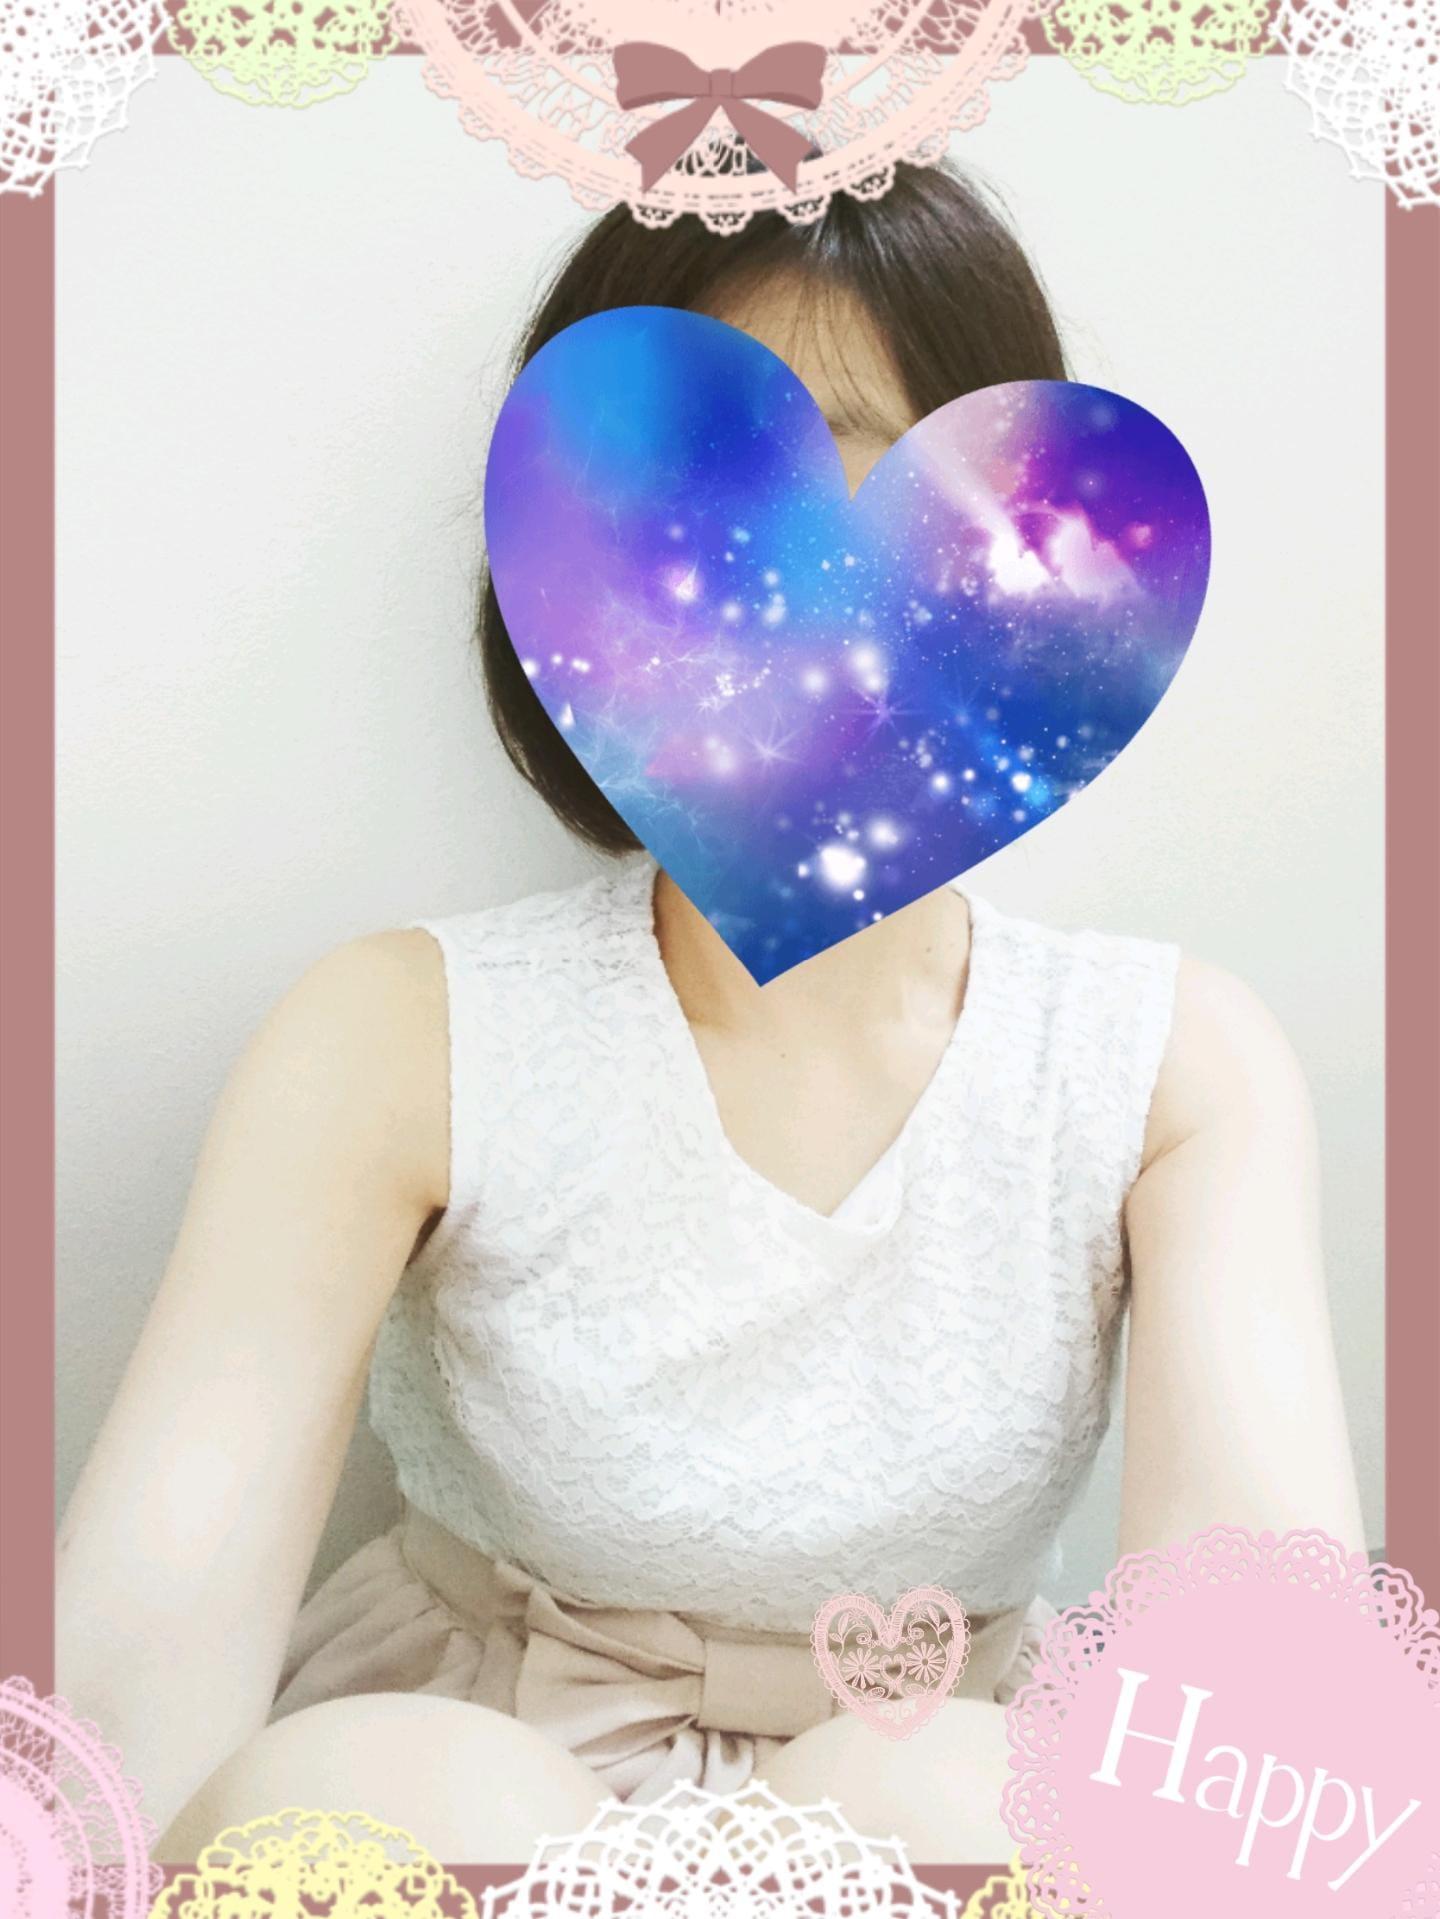 あゆか「出勤しました☆」07/15(日) 18:18 | あゆかの写メ・風俗動画